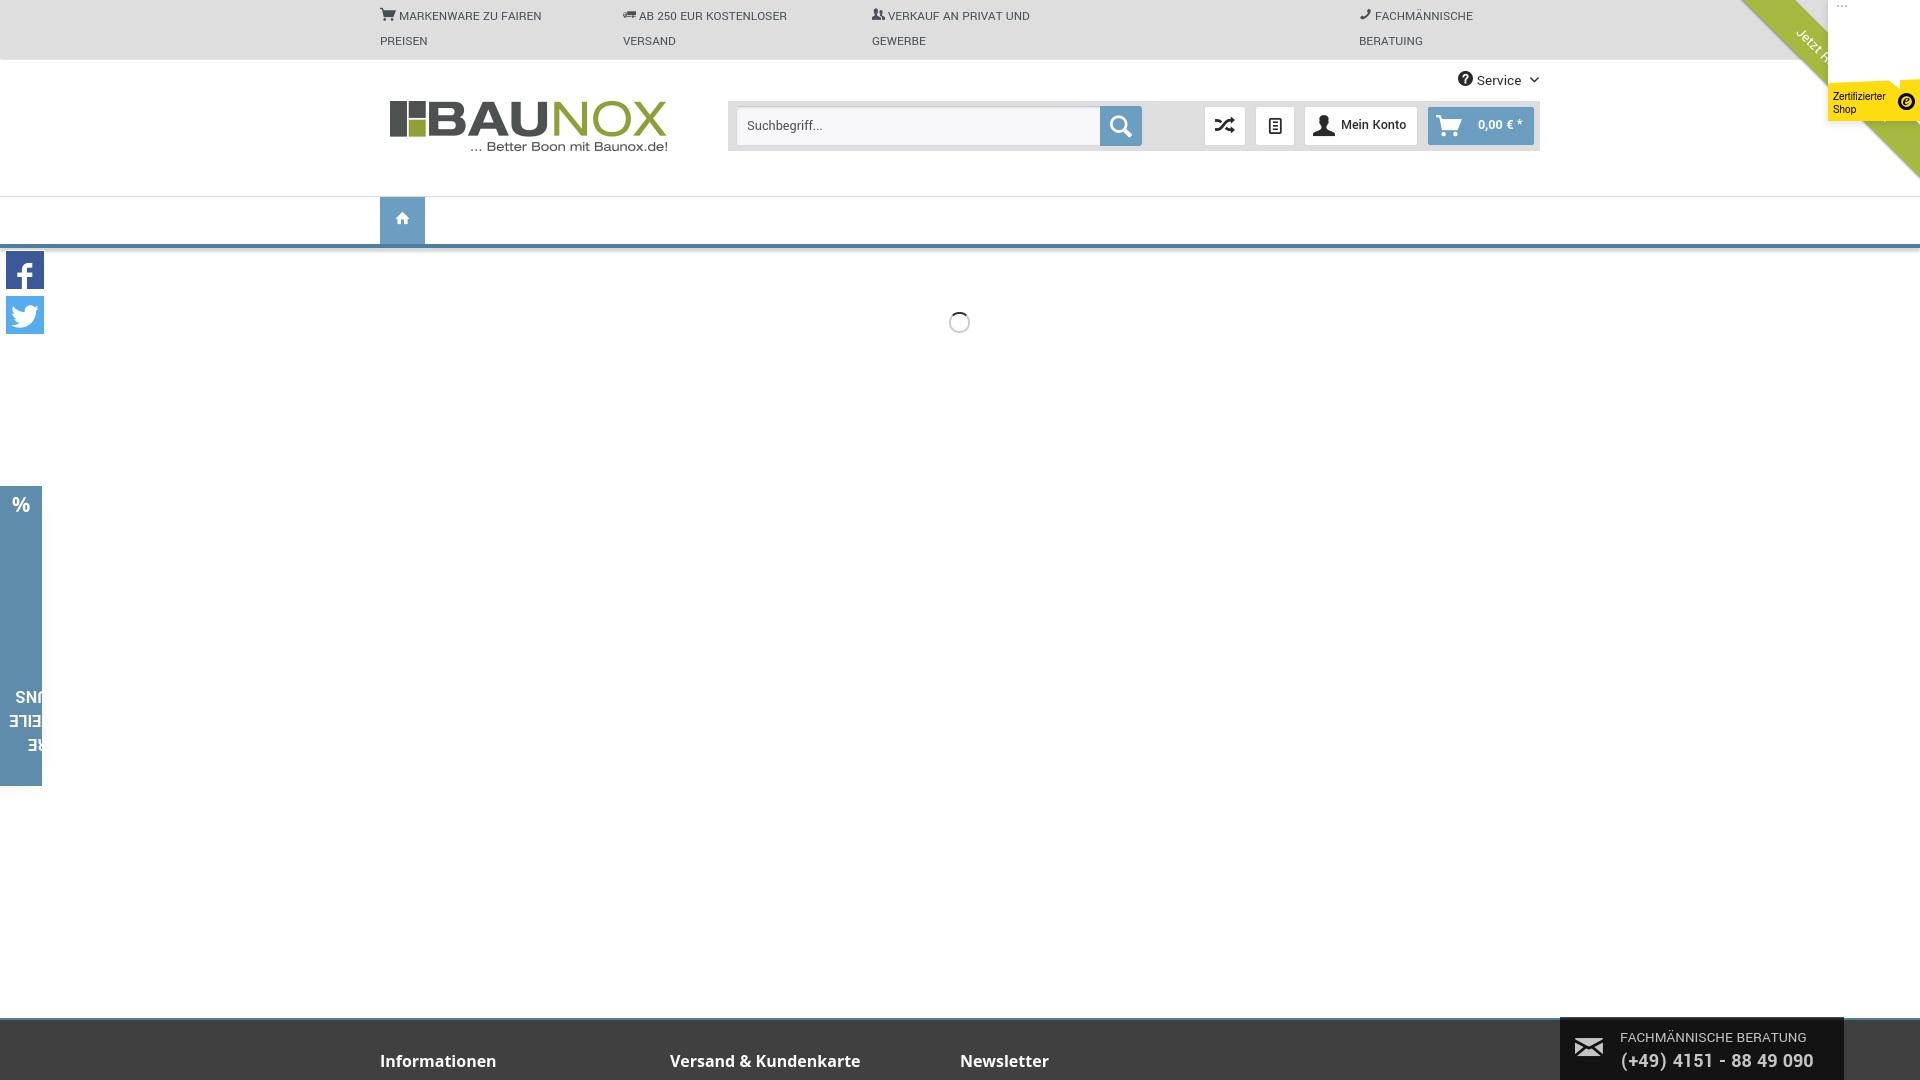 Geld zurück bei Baunox: Jetzt im Oktober 2021 Cashback für Baunox sichern